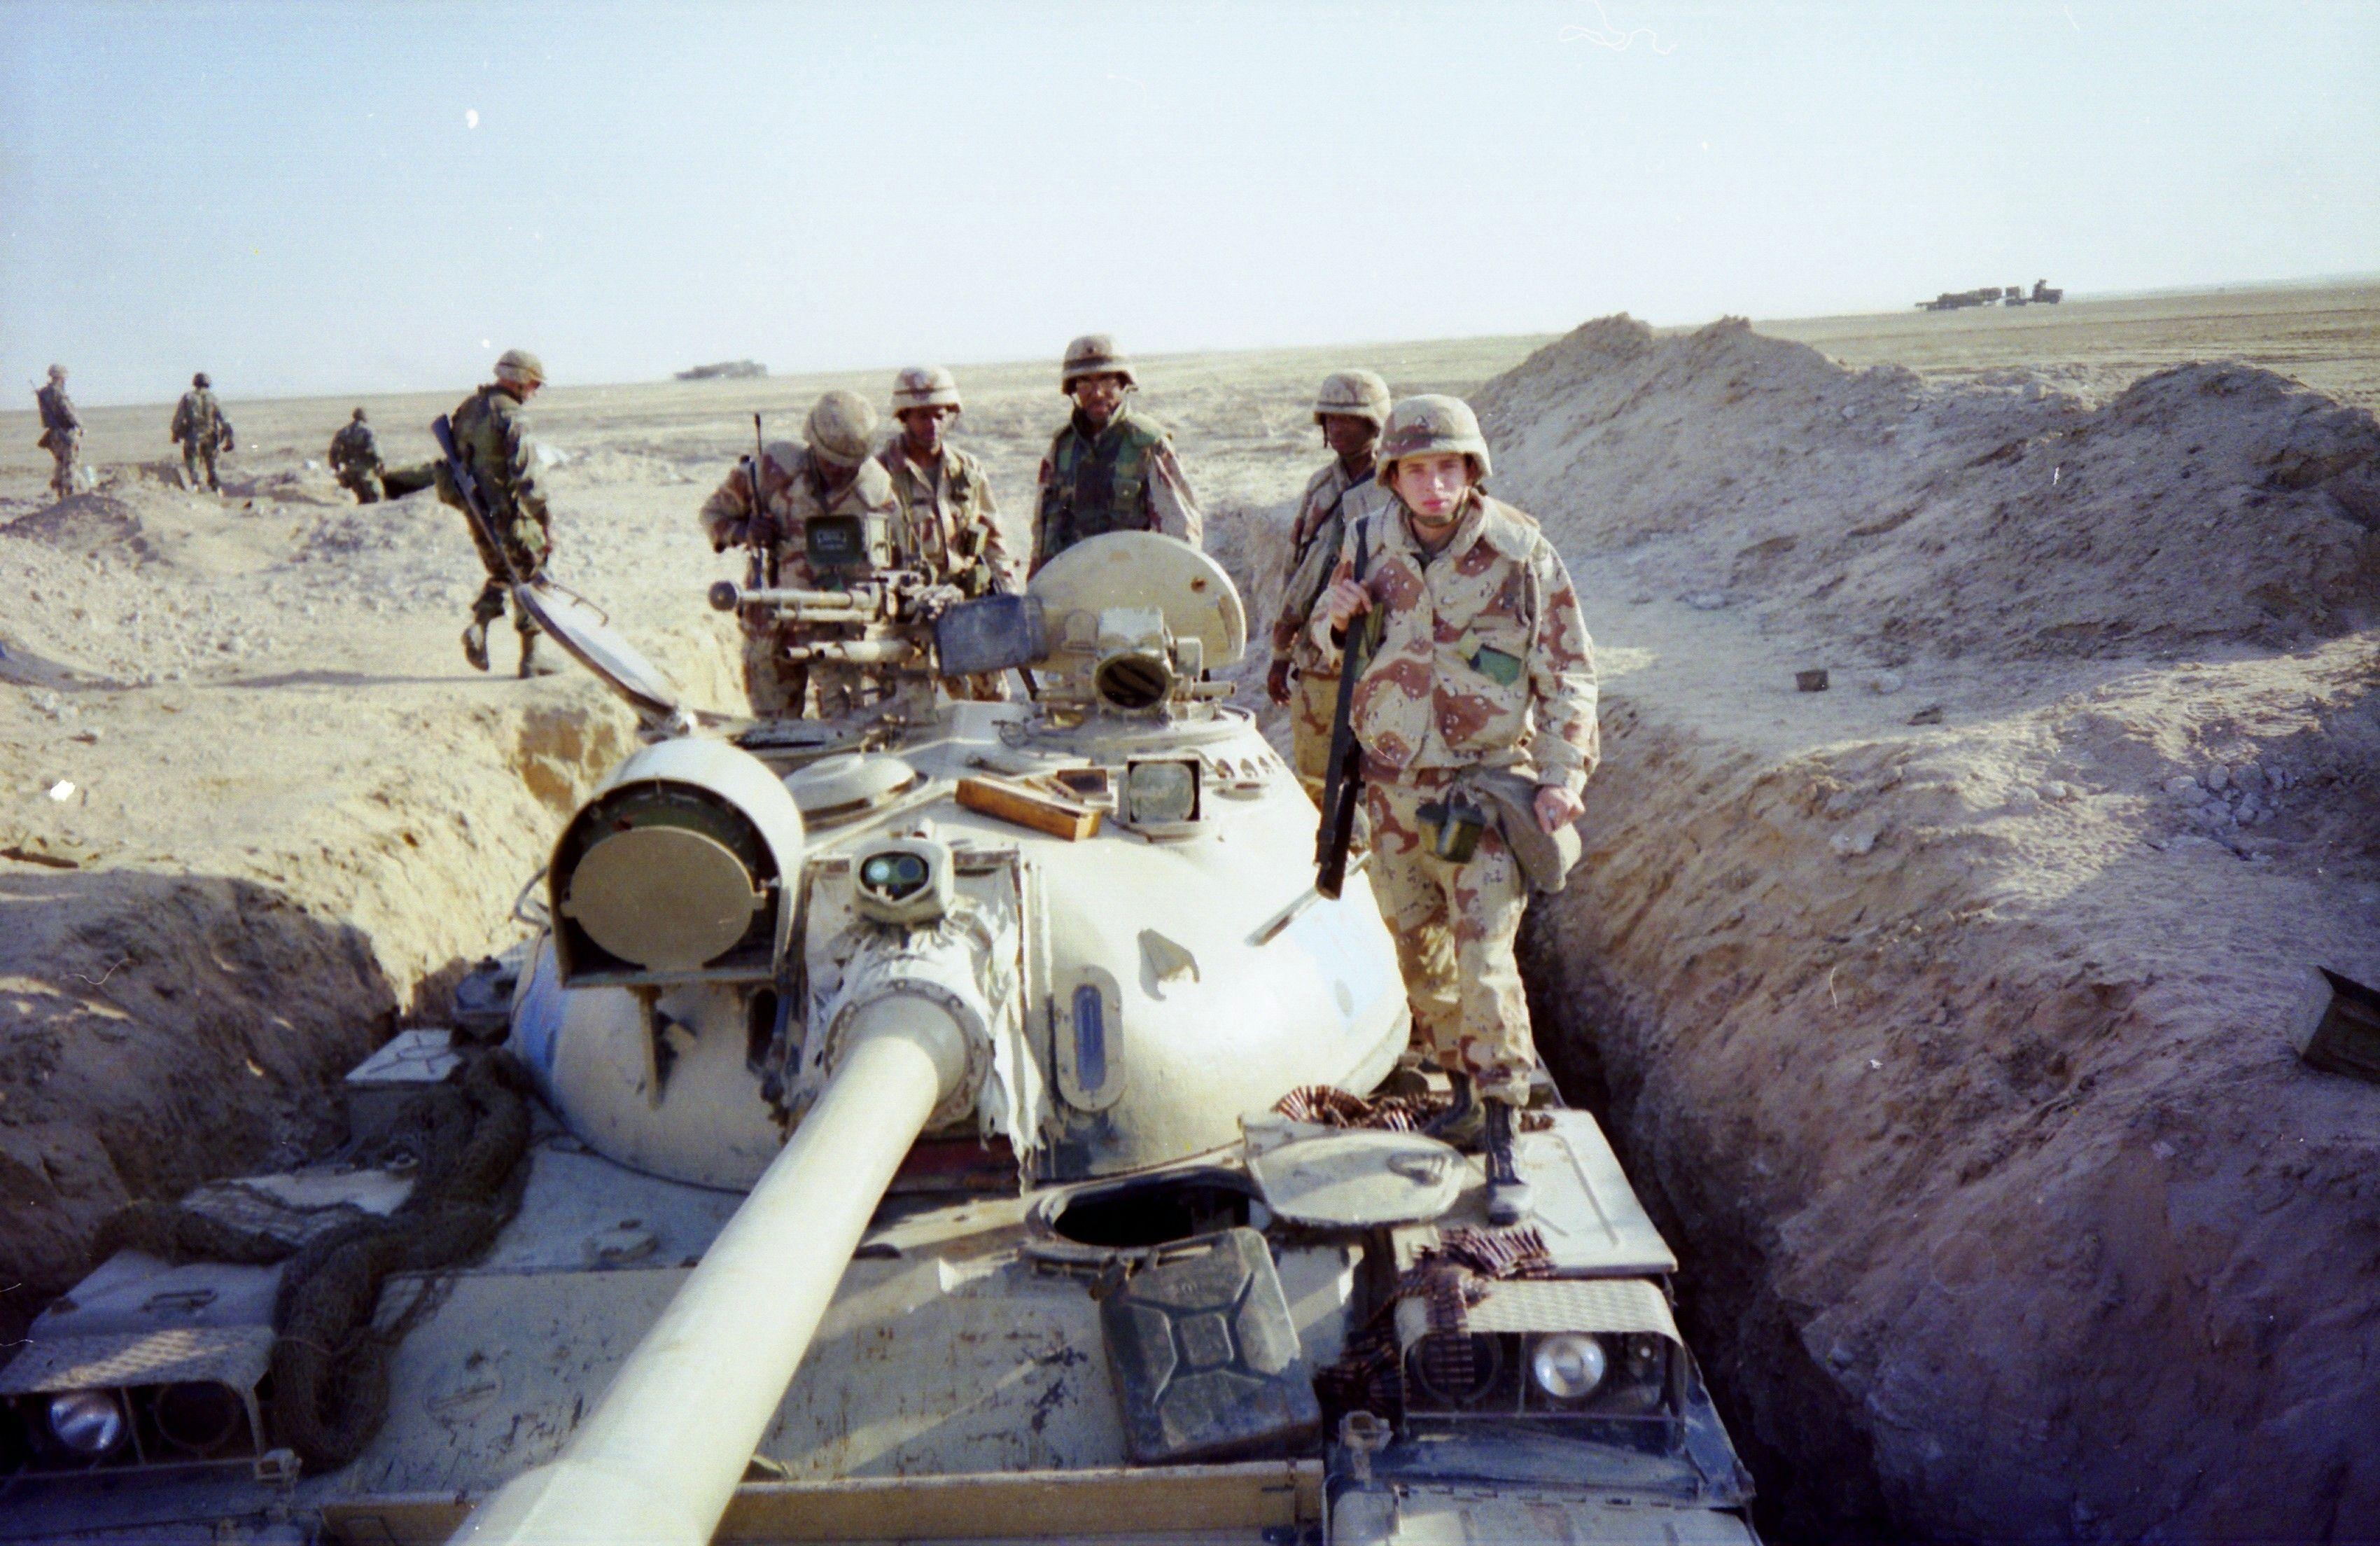 Type 69 ii iraq tank gulf war 1991 the gulf war 1991 pinterest type 69 ii iraq tank gulf war 1991 sciox Gallery